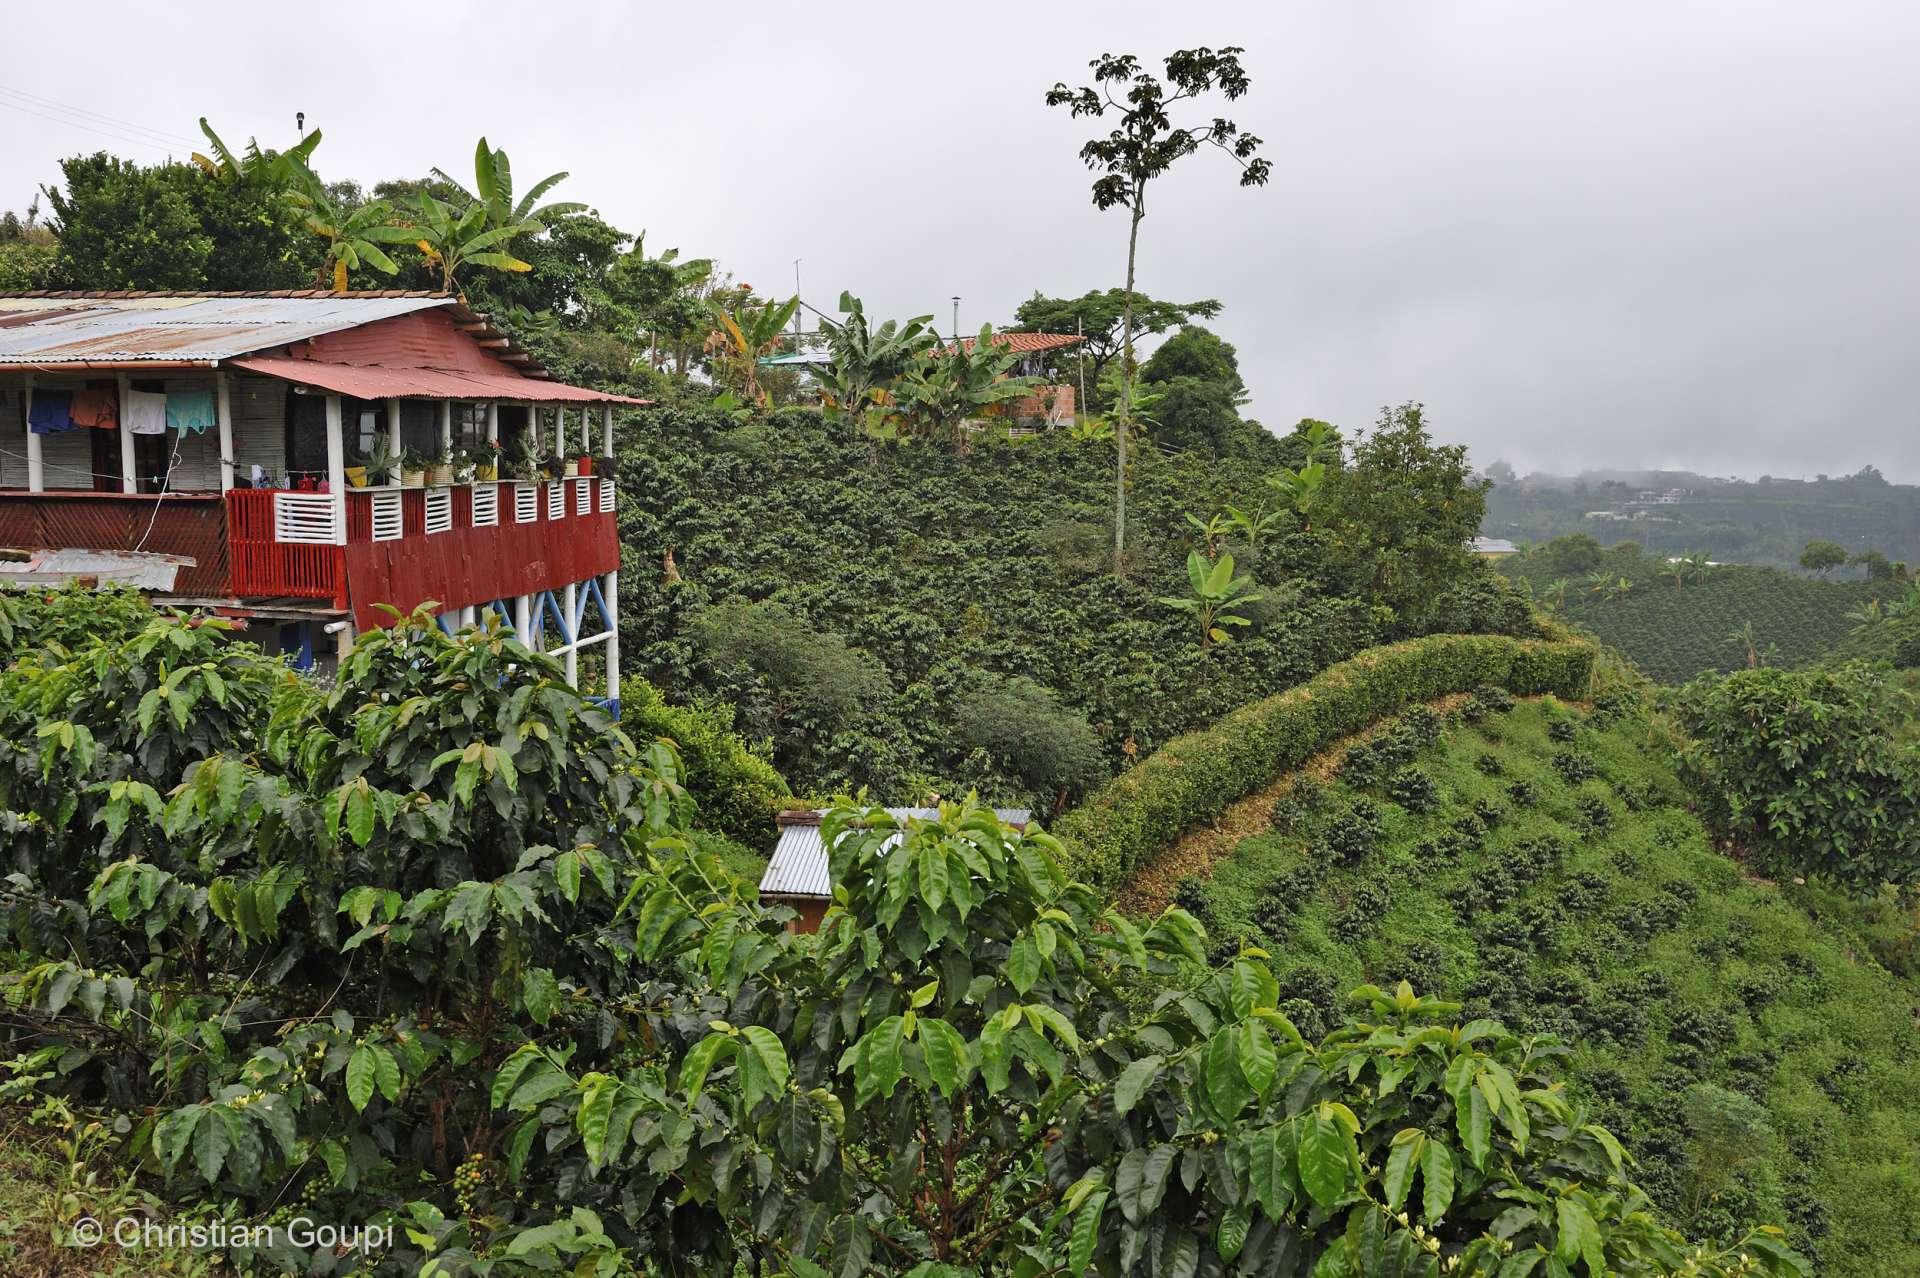 Colombie - Une plantation de café de la région d'Arménia, dans la cordillère centrale.